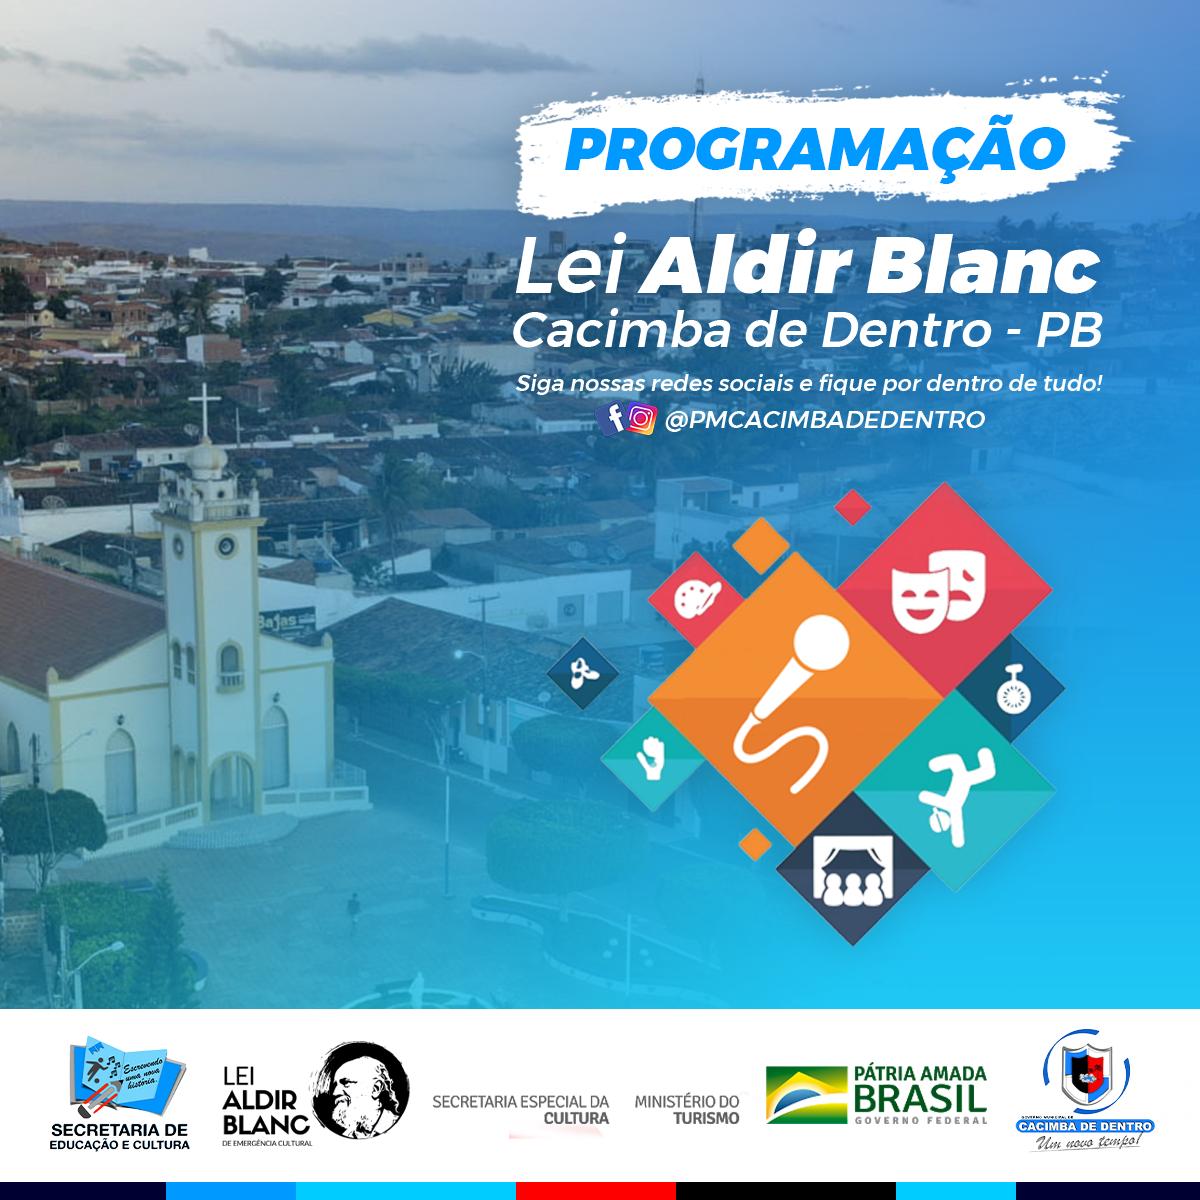 PMCD anuncia programação do Projeto Lei Aldir Blanc